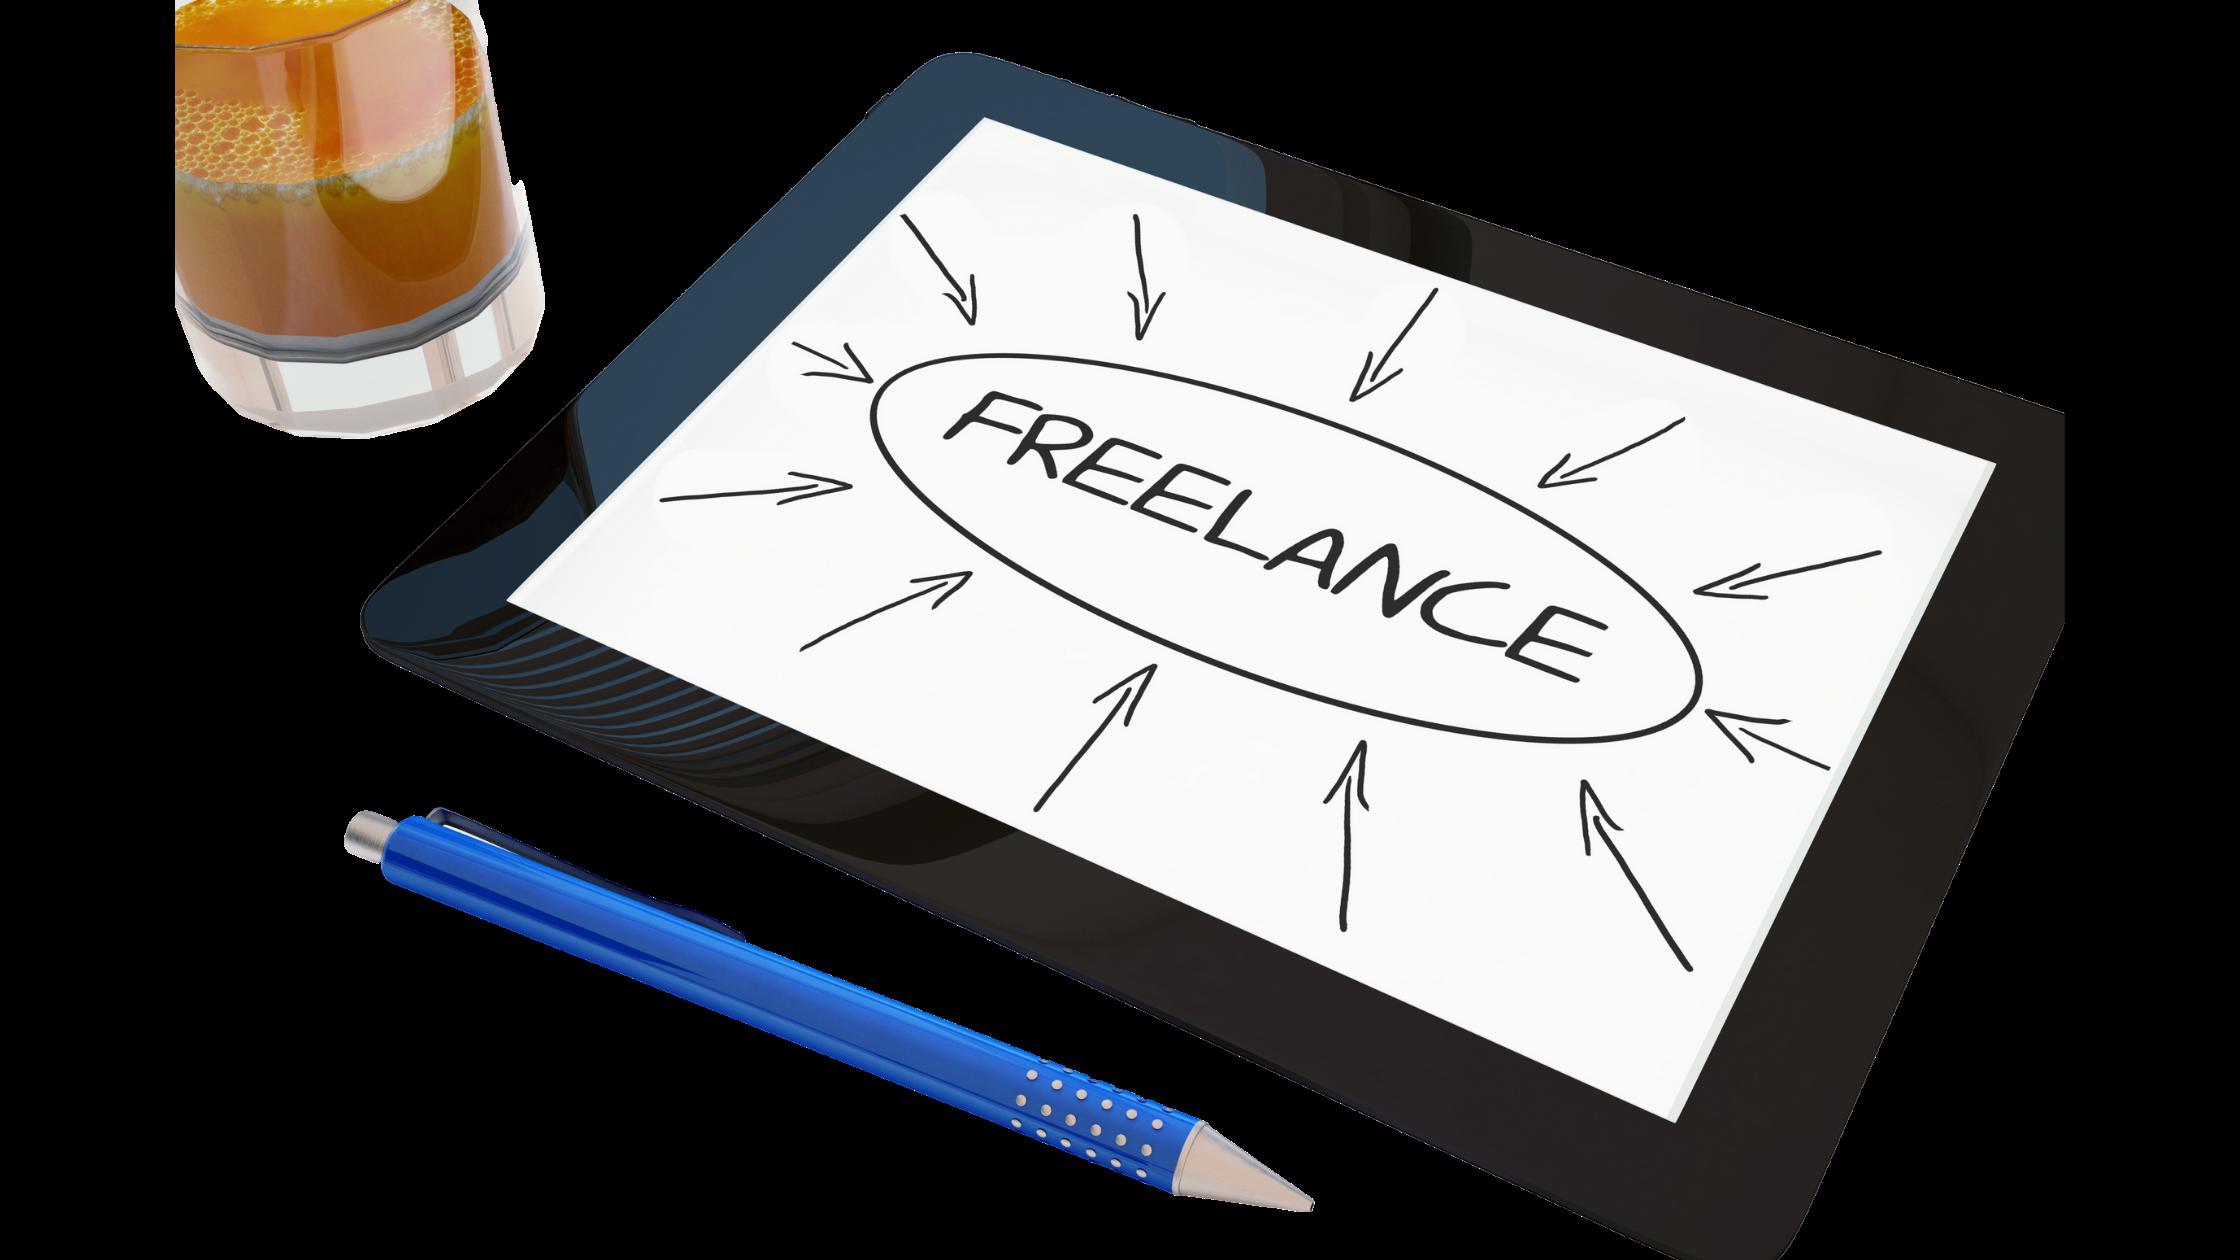 Freelancer written on tablet screen